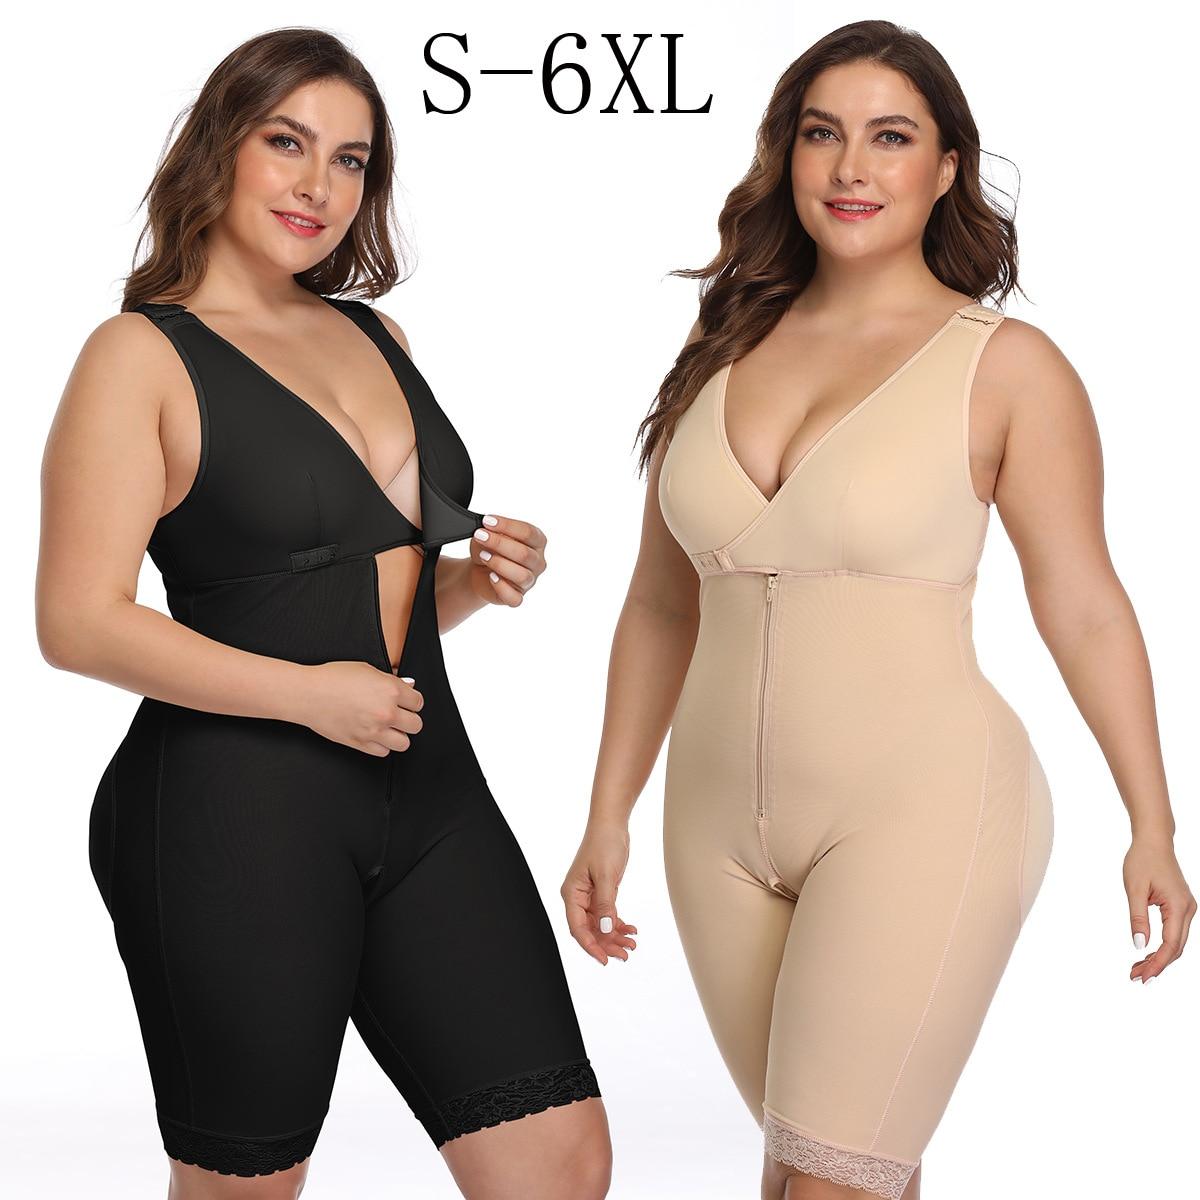 Plus tamanho 6xl látex shaper corpo feminino pós lipoaspiração cinto clipe zip bodysuit colete cintura shaper redutores shapewear